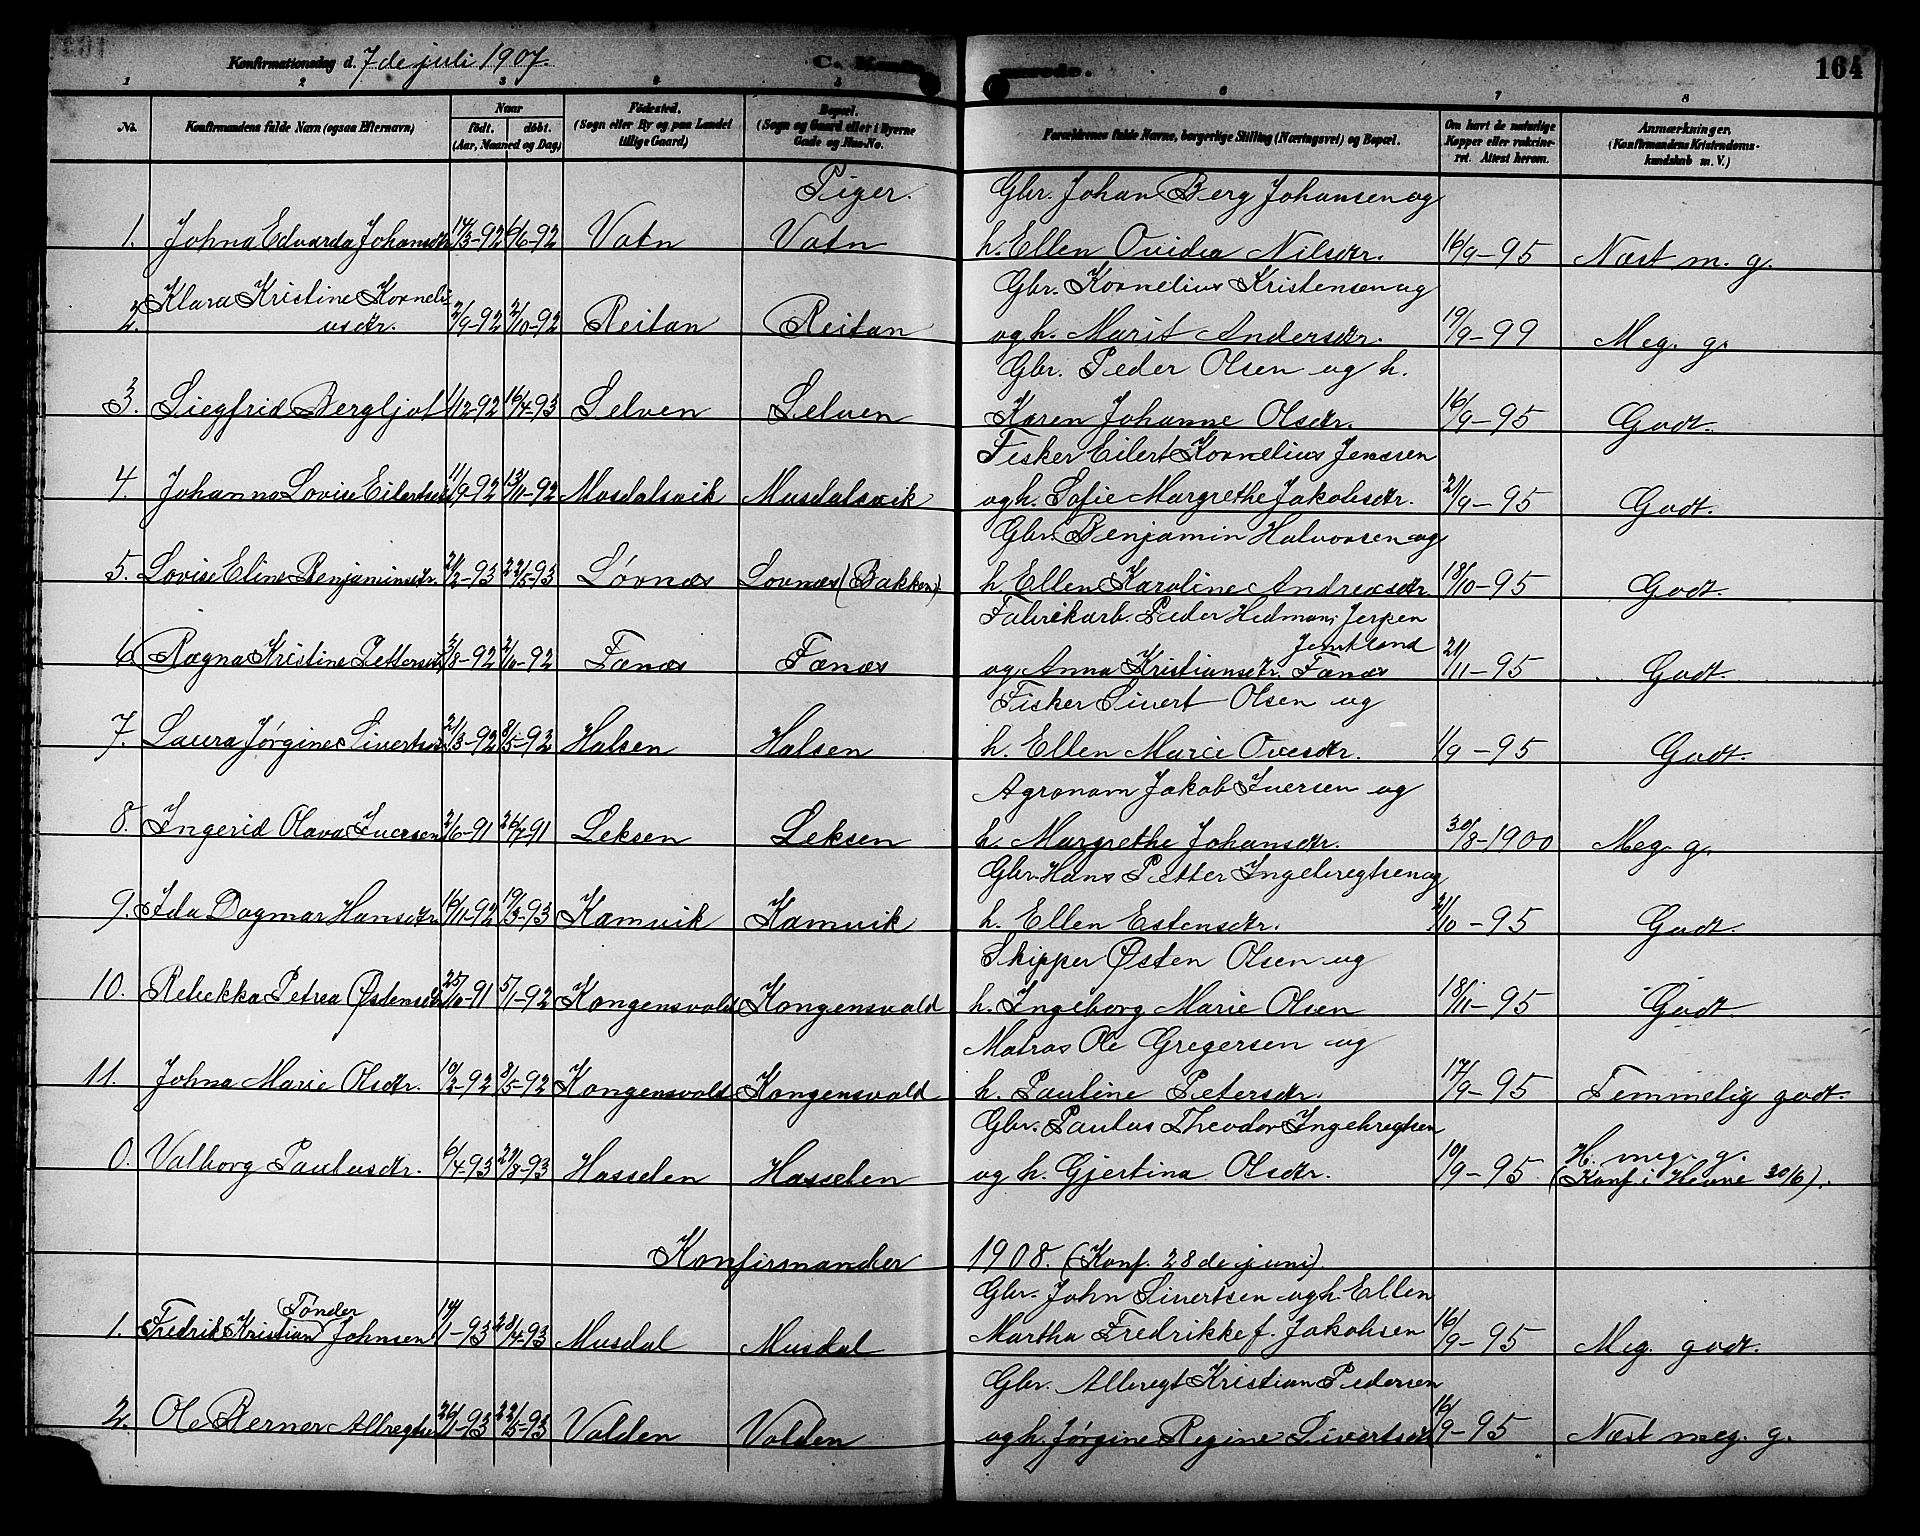 SAT, Ministerialprotokoller, klokkerbøker og fødselsregistre - Sør-Trøndelag, 662/L0757: Klokkerbok nr. 662C02, 1892-1918, s. 164